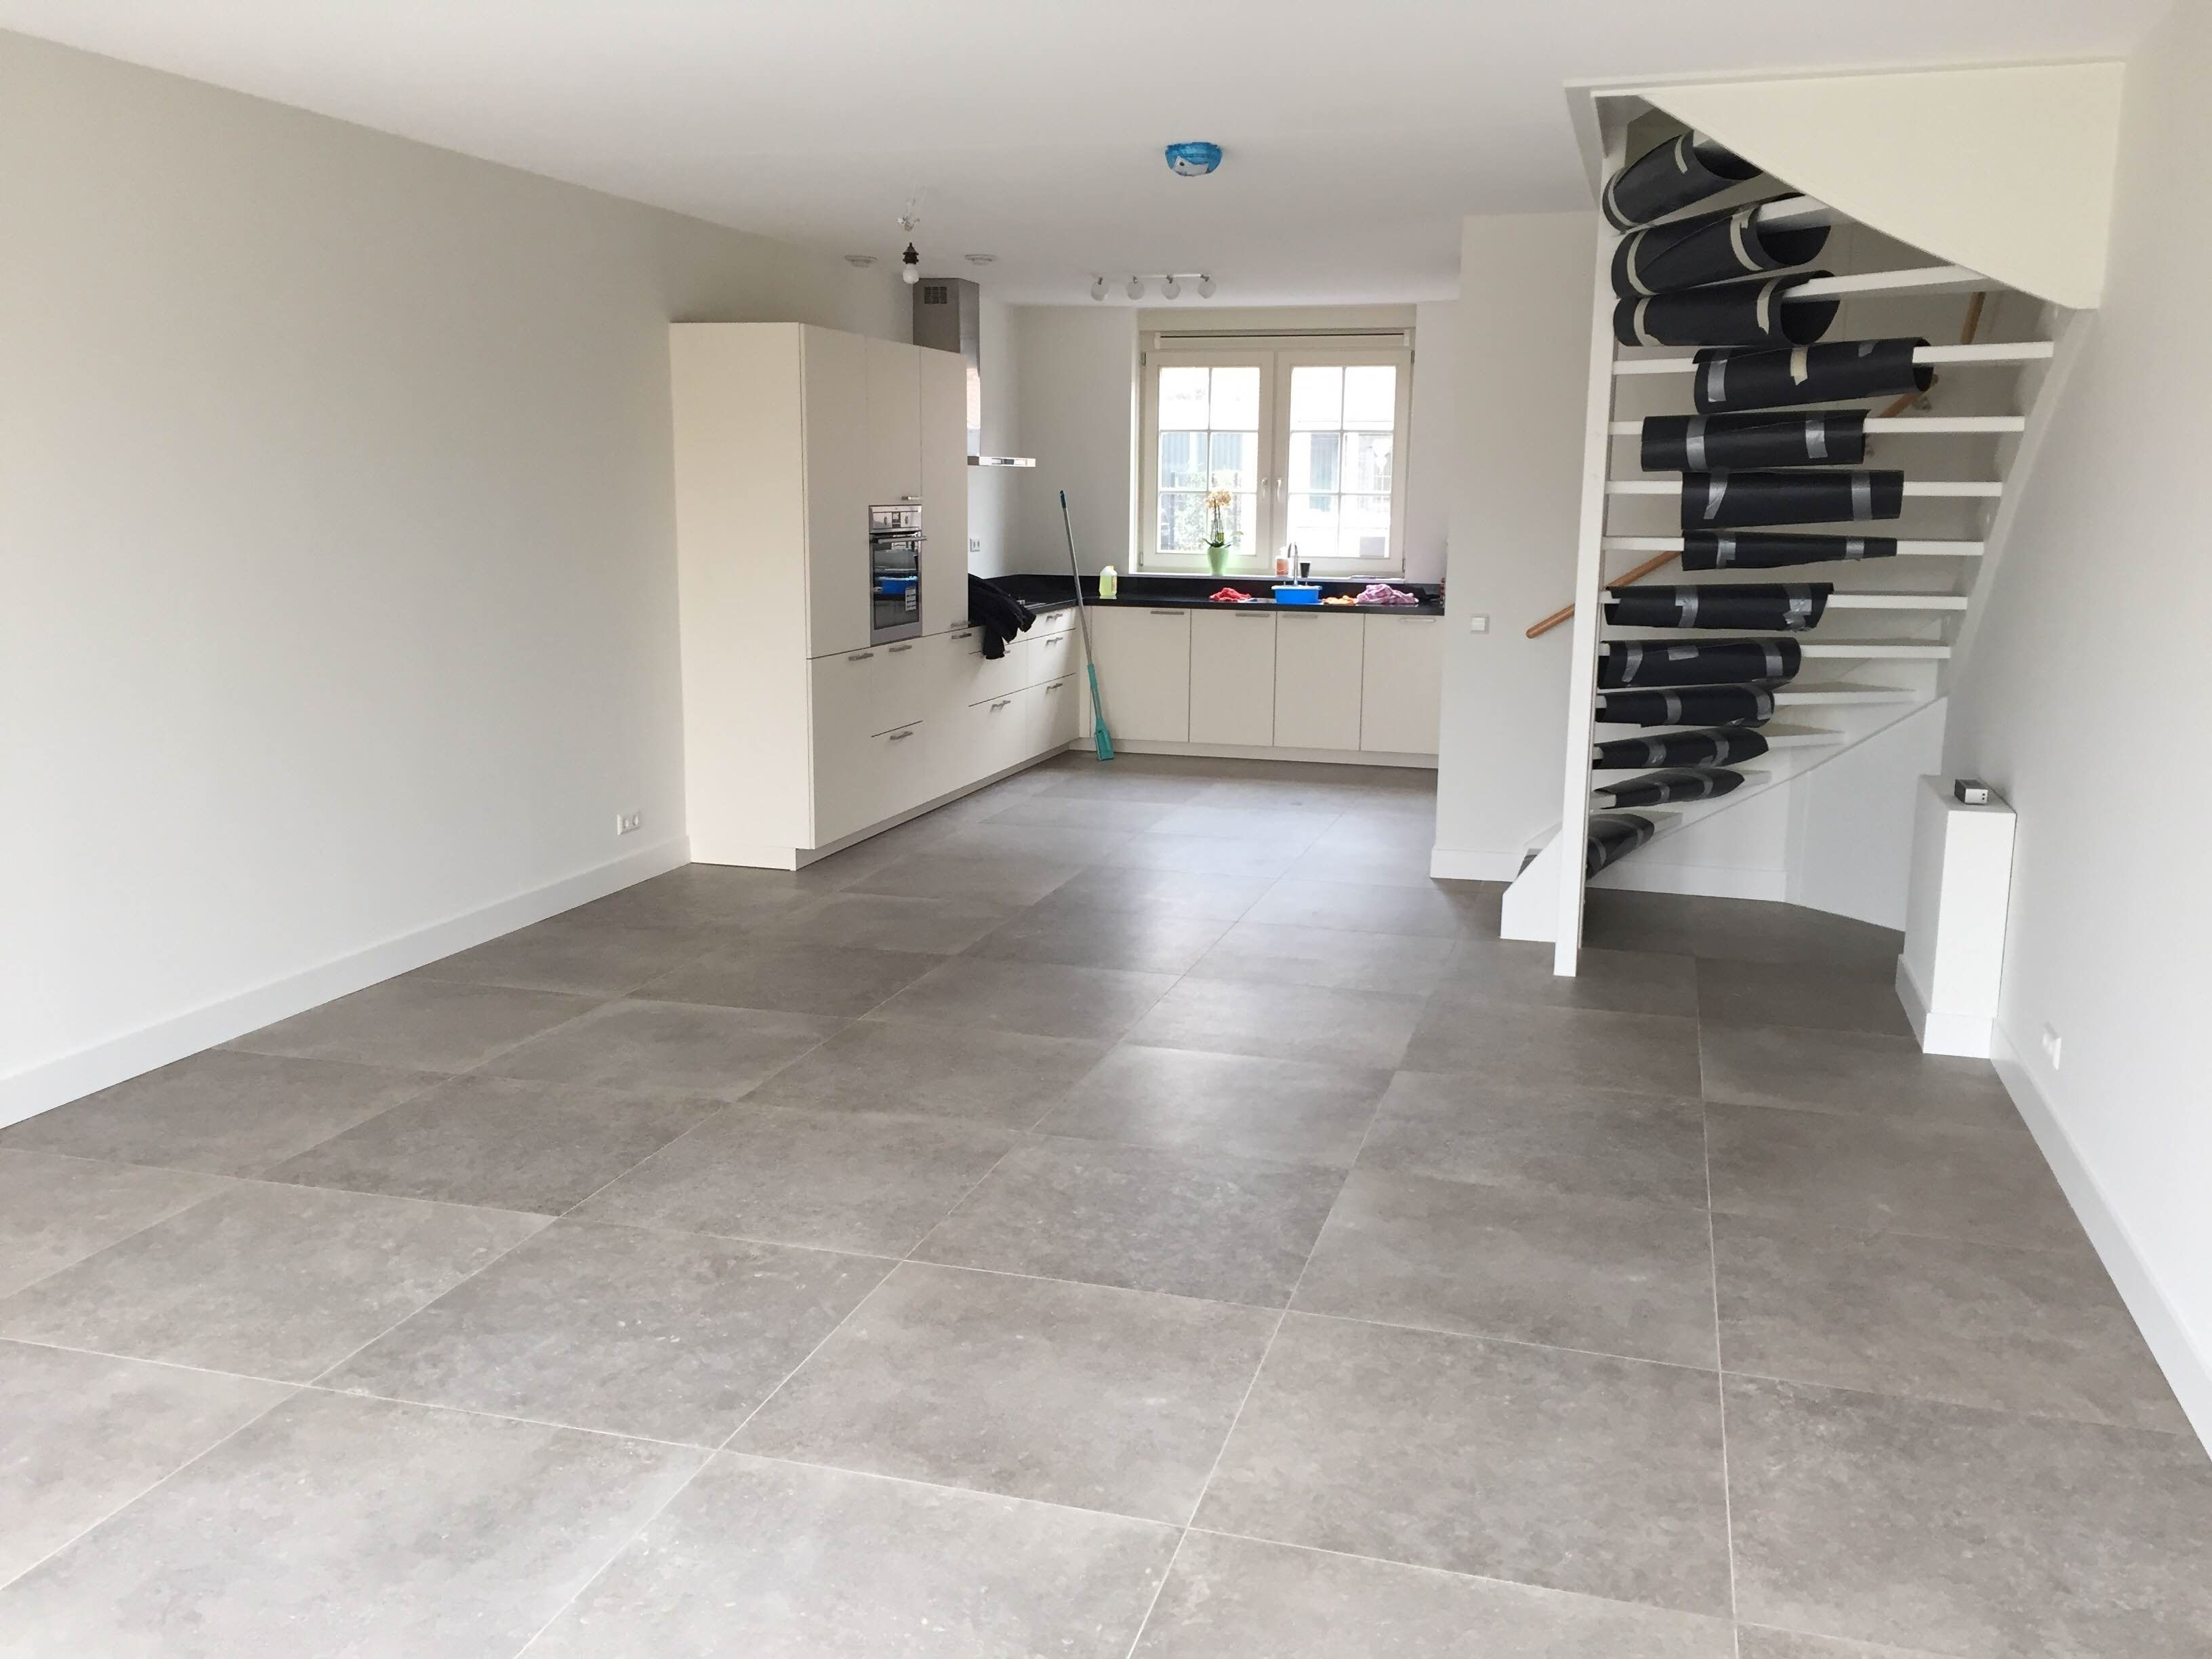 Kronos Tegels Dealers : Belgisch hardsteen look tegels kronos tegels dealers hardsteen